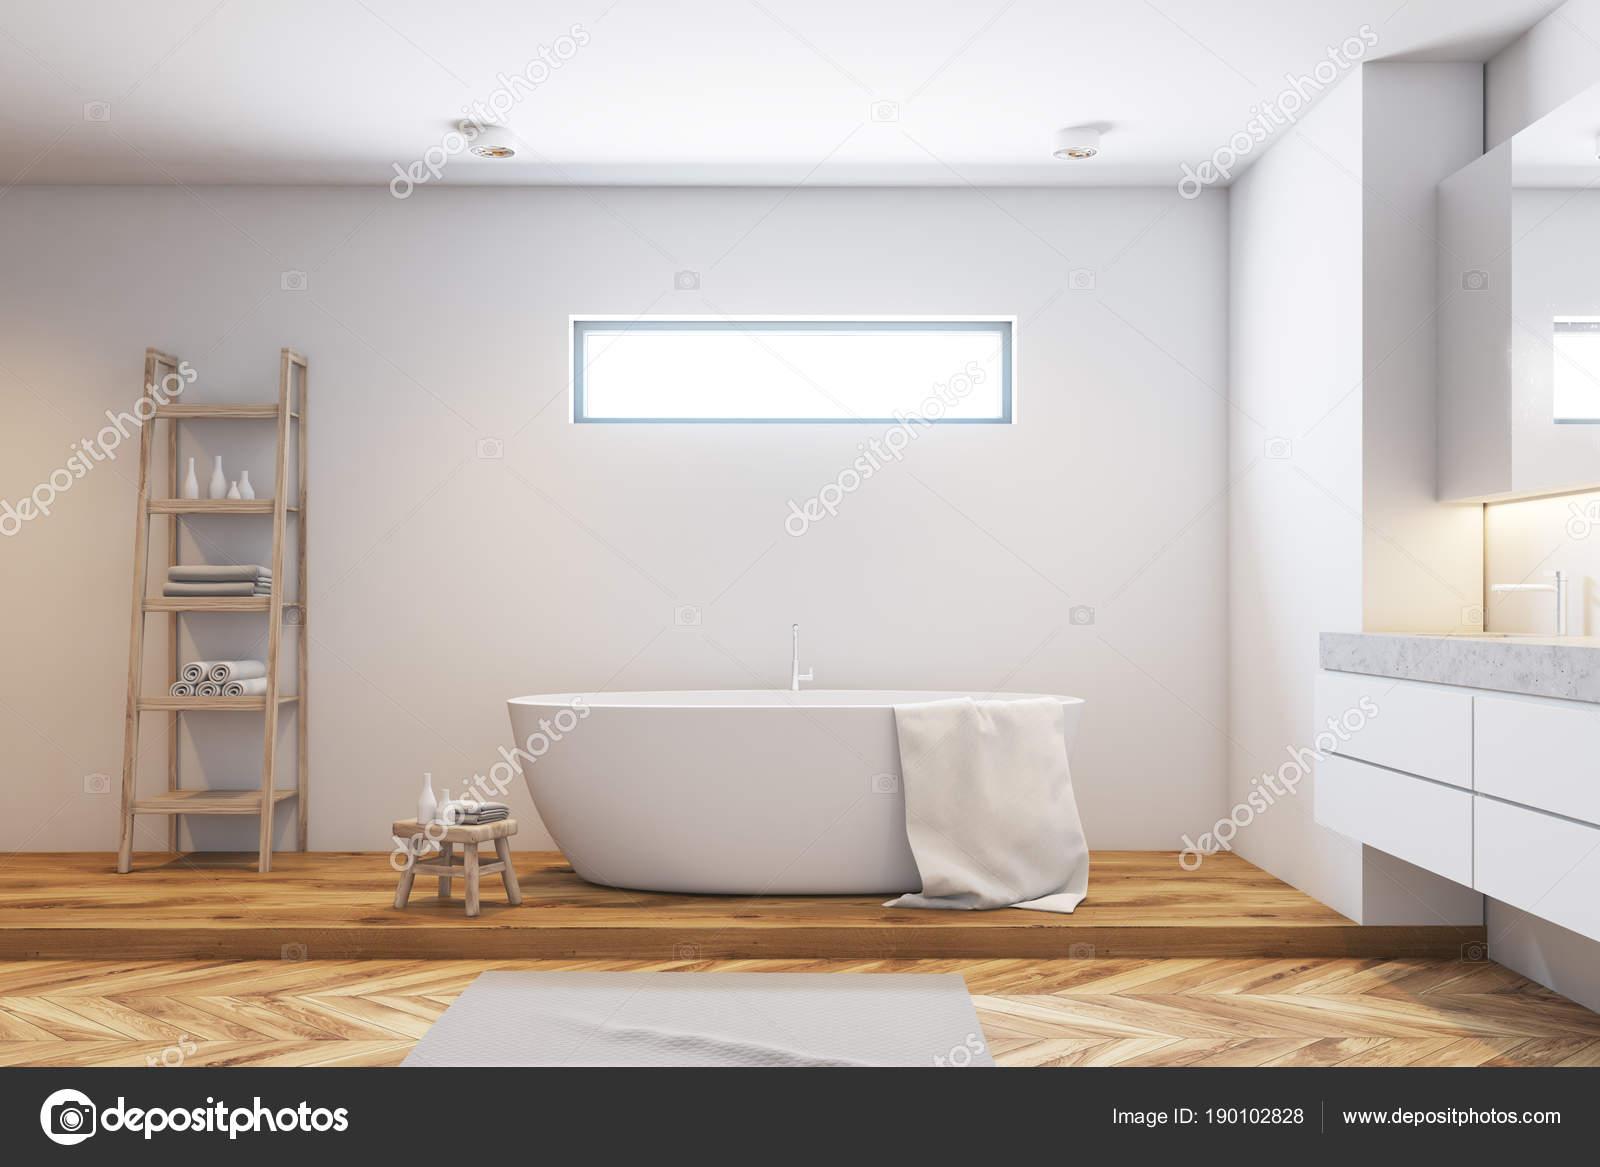 Mattonelle bianche bagno interni vista laterale u foto stock